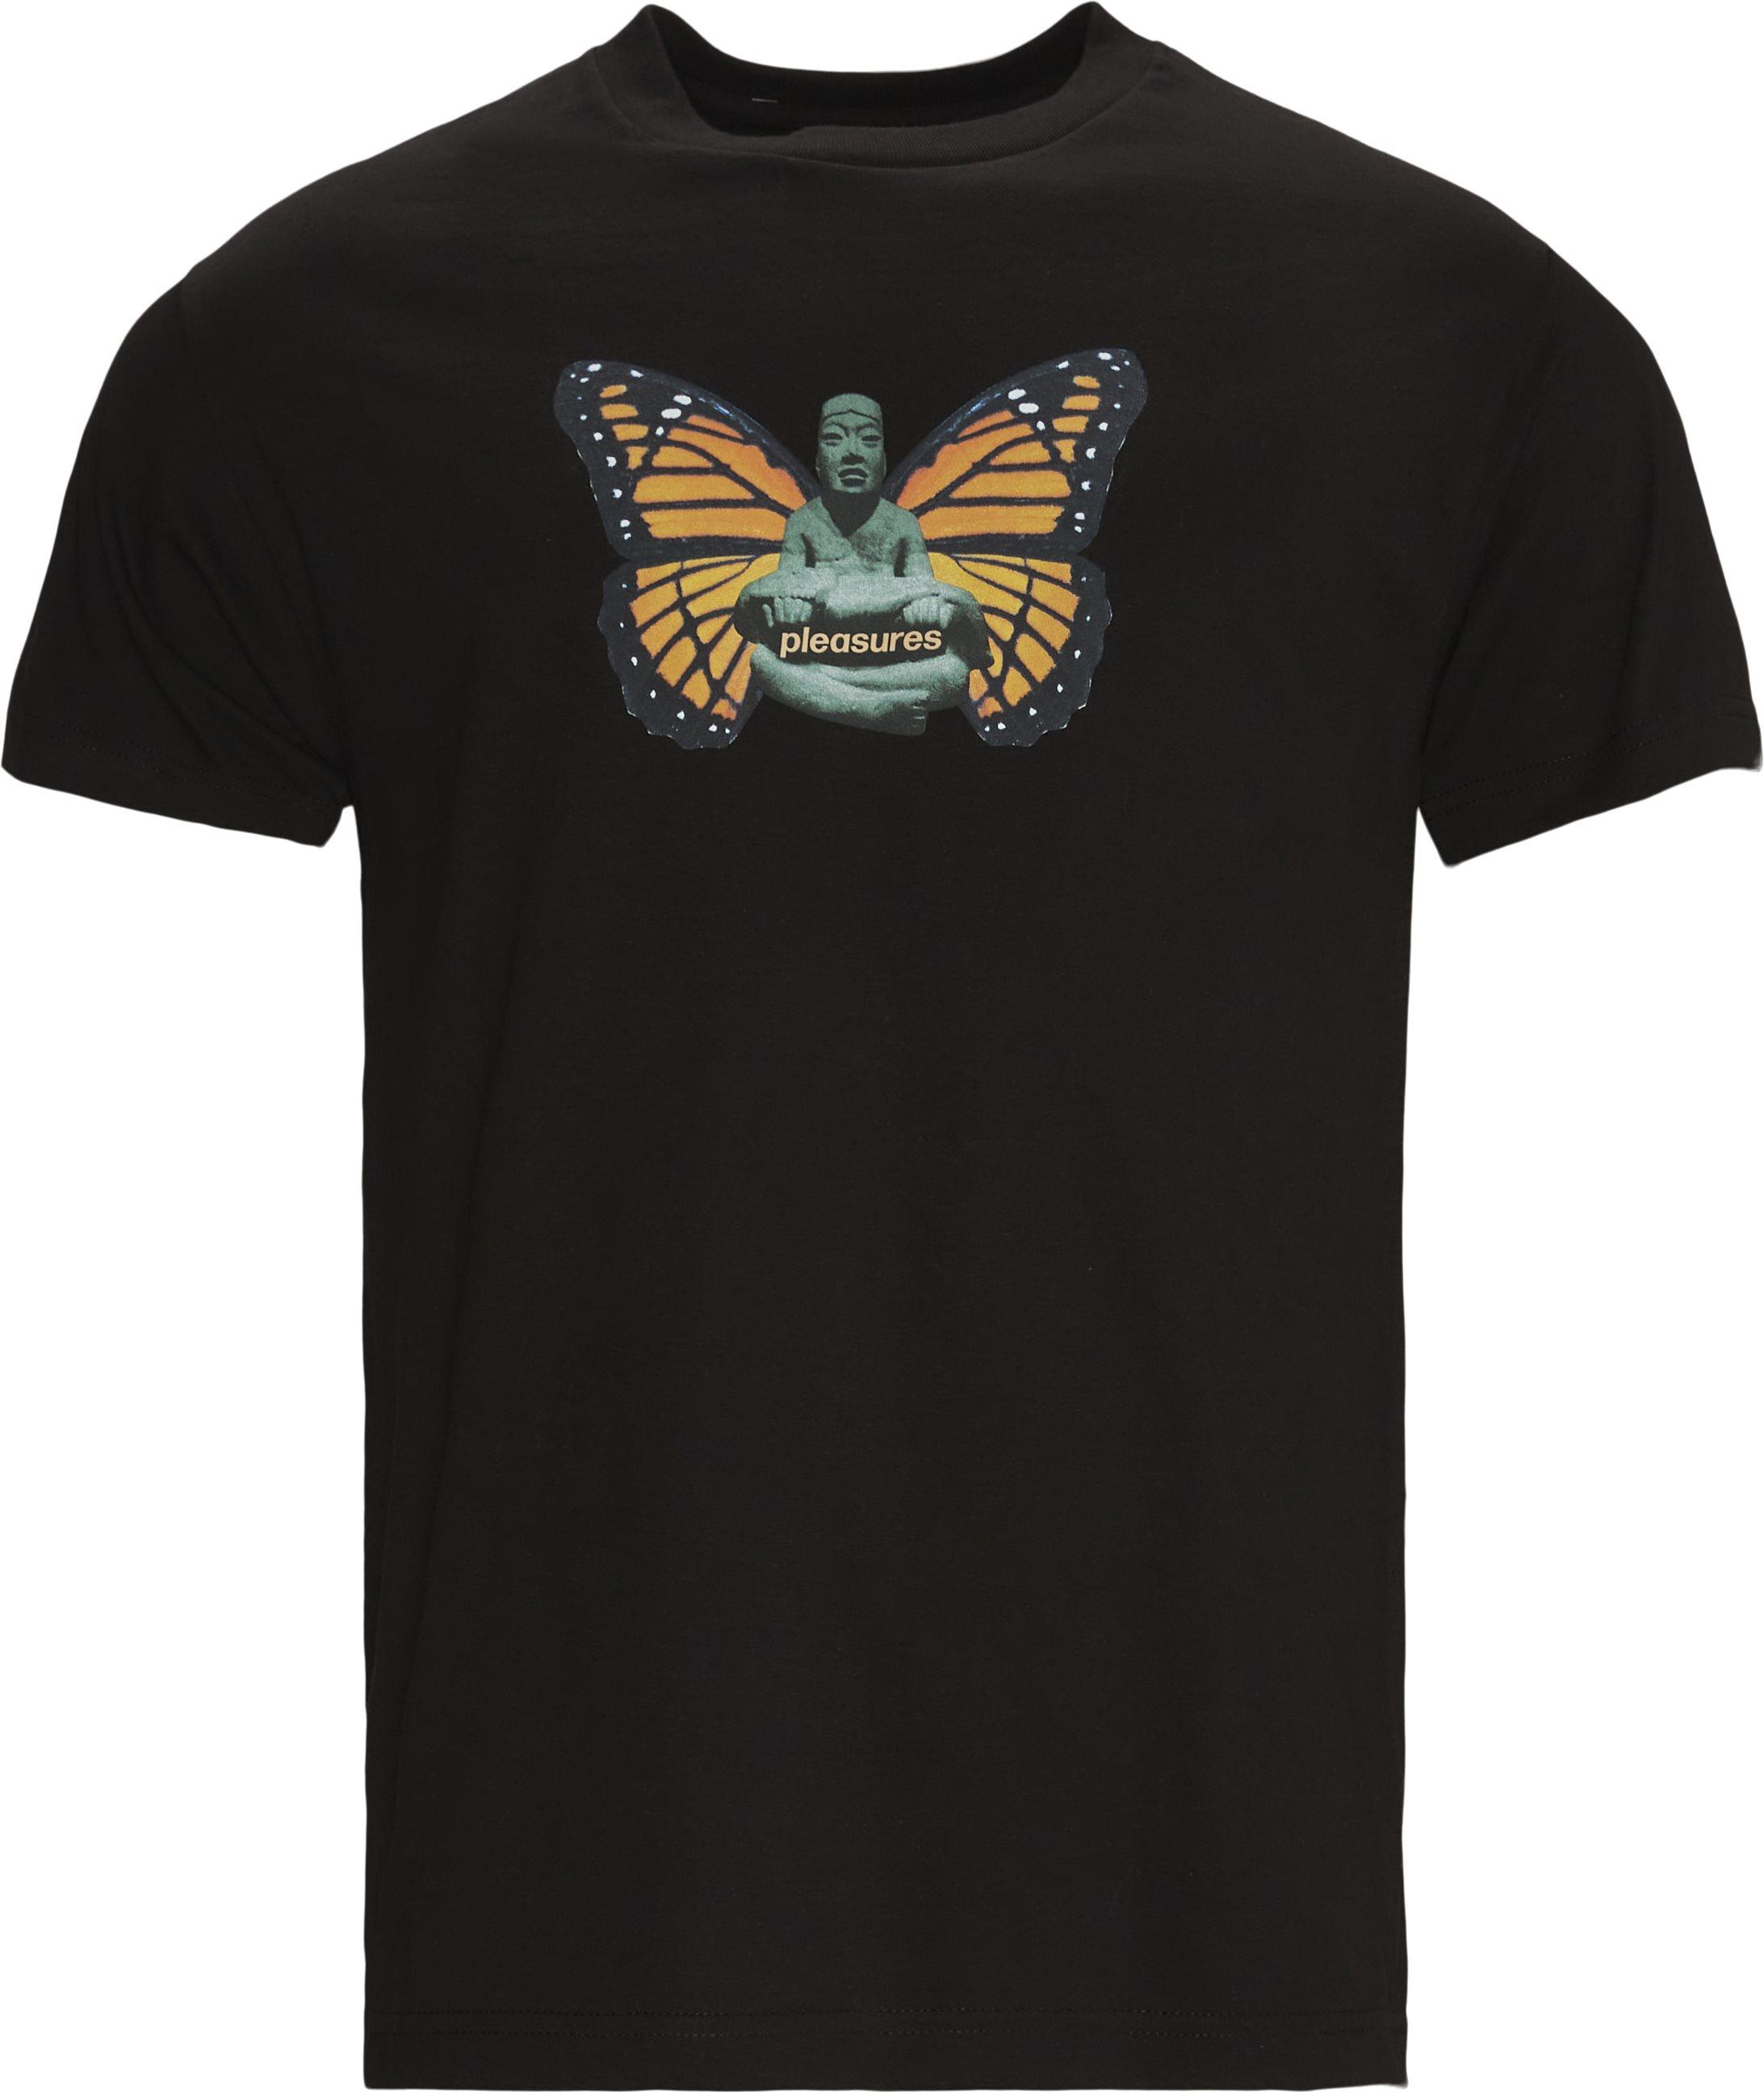 Meditate Tee - T-shirts - Regular fit - Sort